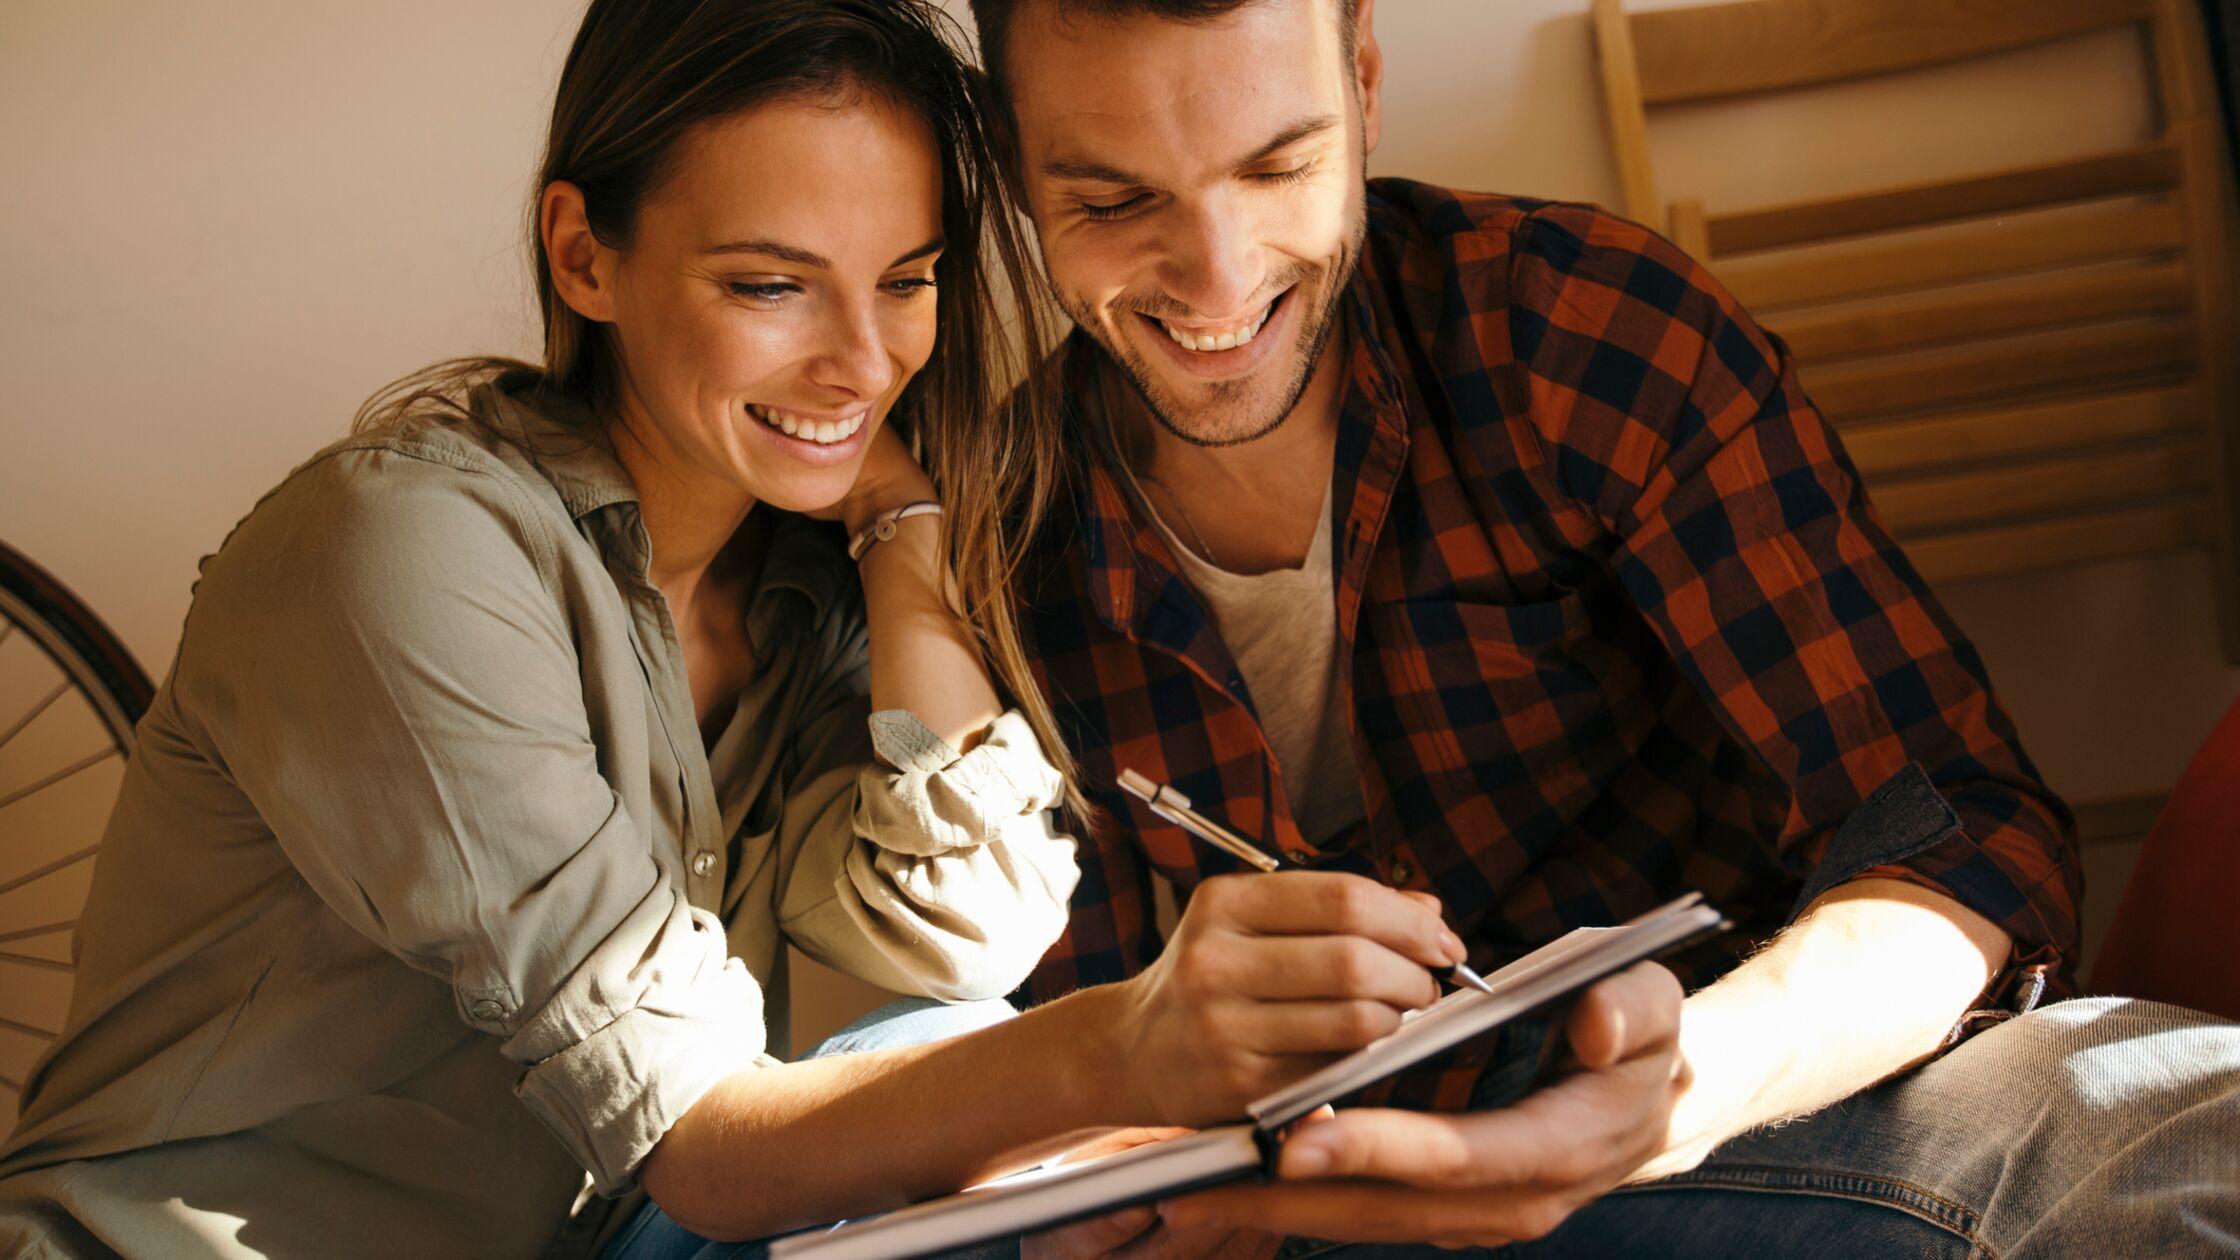 Mann und Frau machen sich Notizen